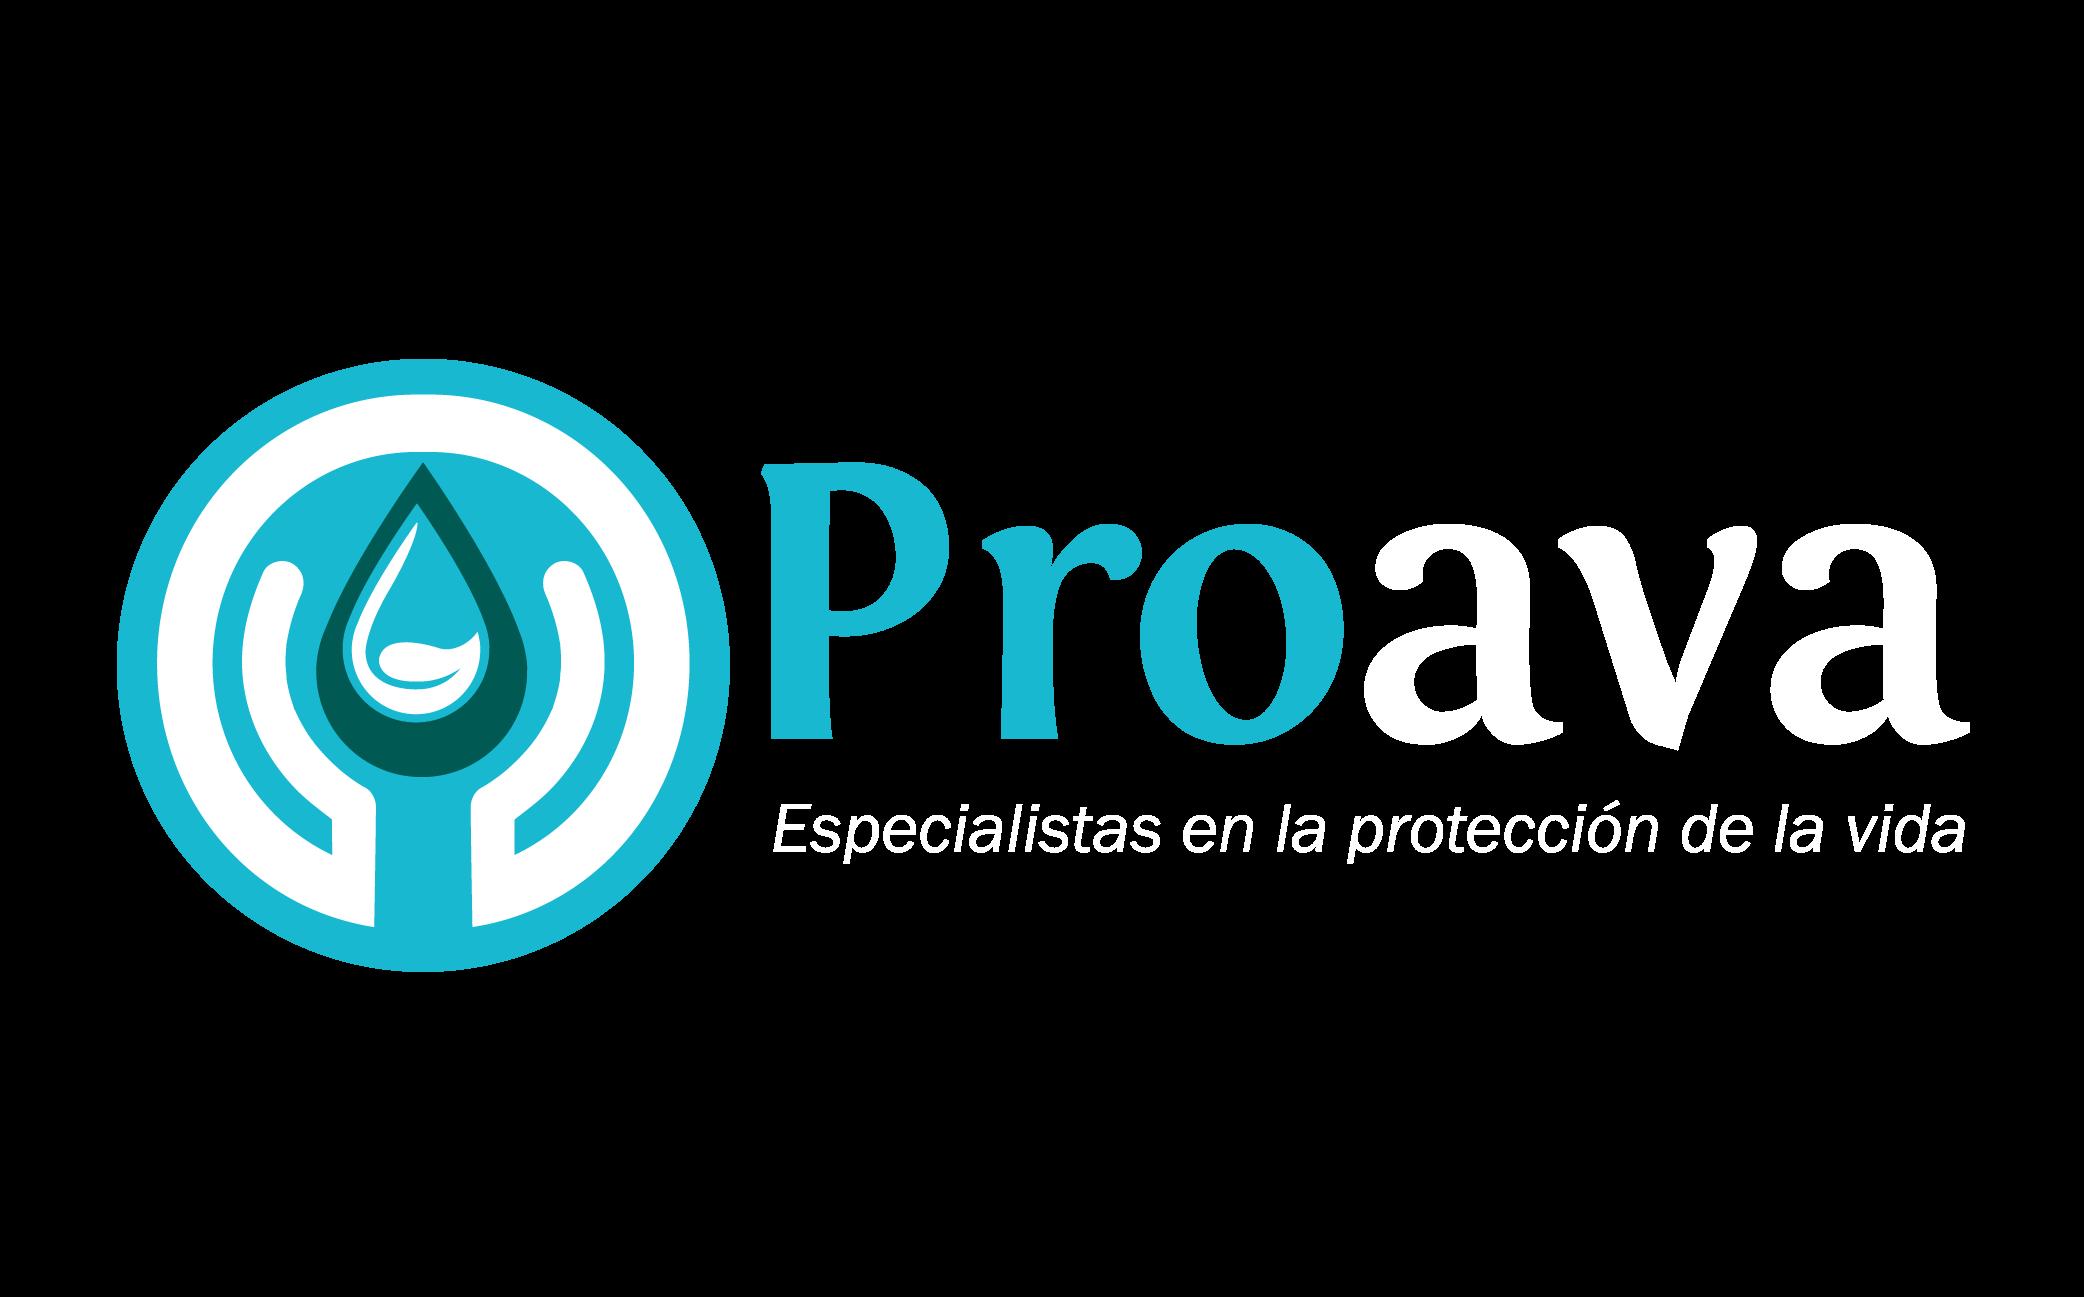 corporación Proava Medellín